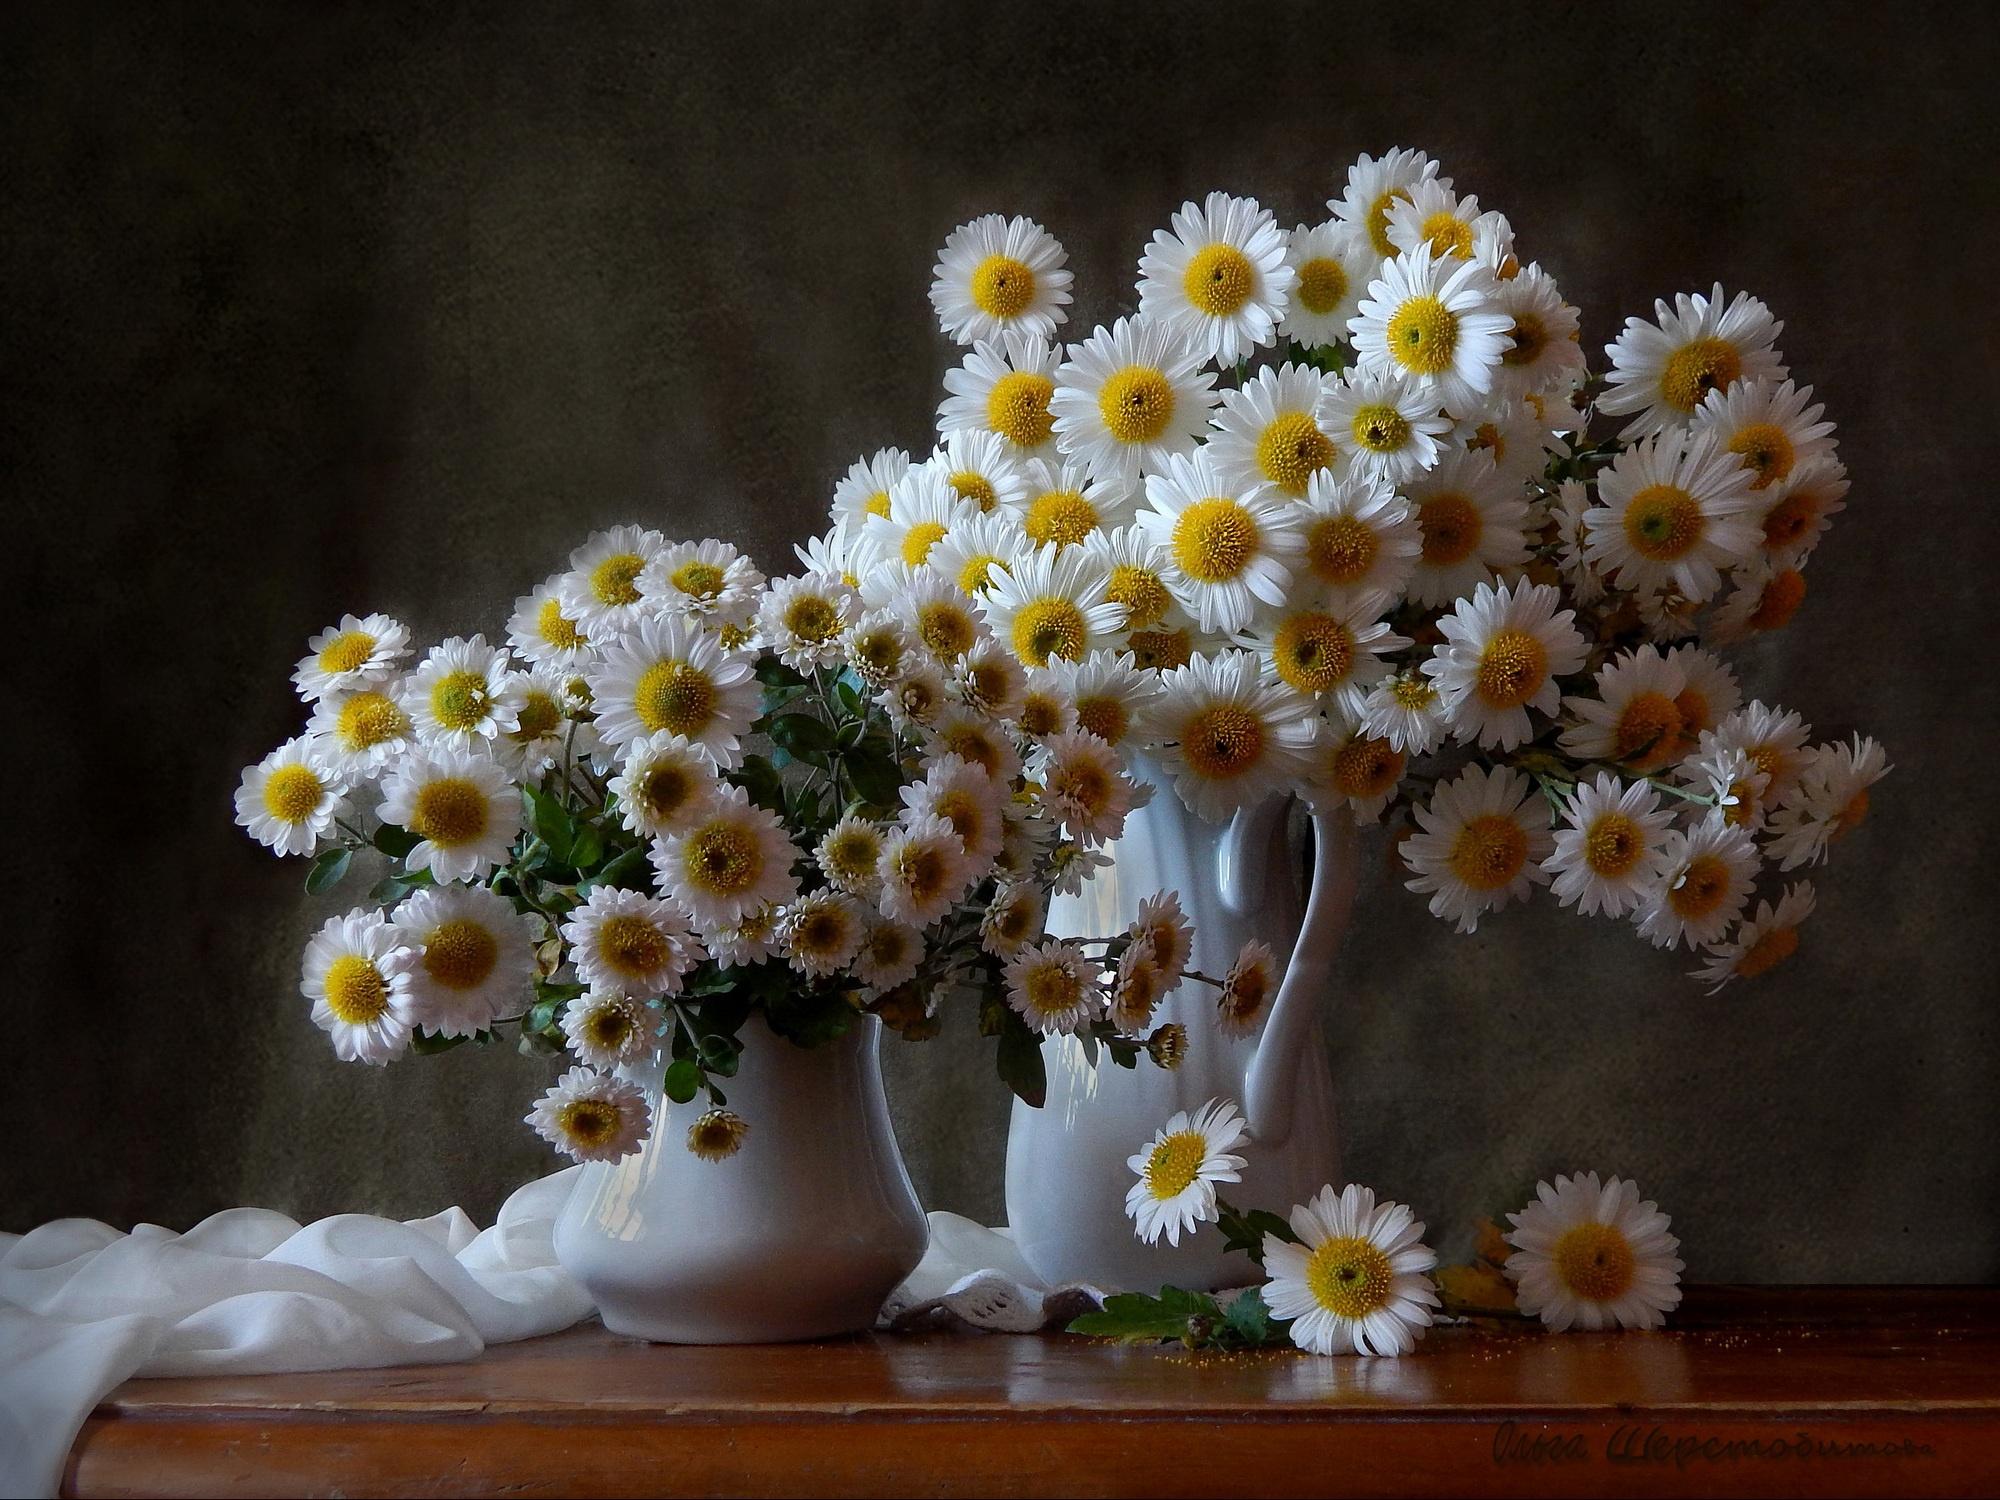 Букет цветов ромашки картинки, слив винограда